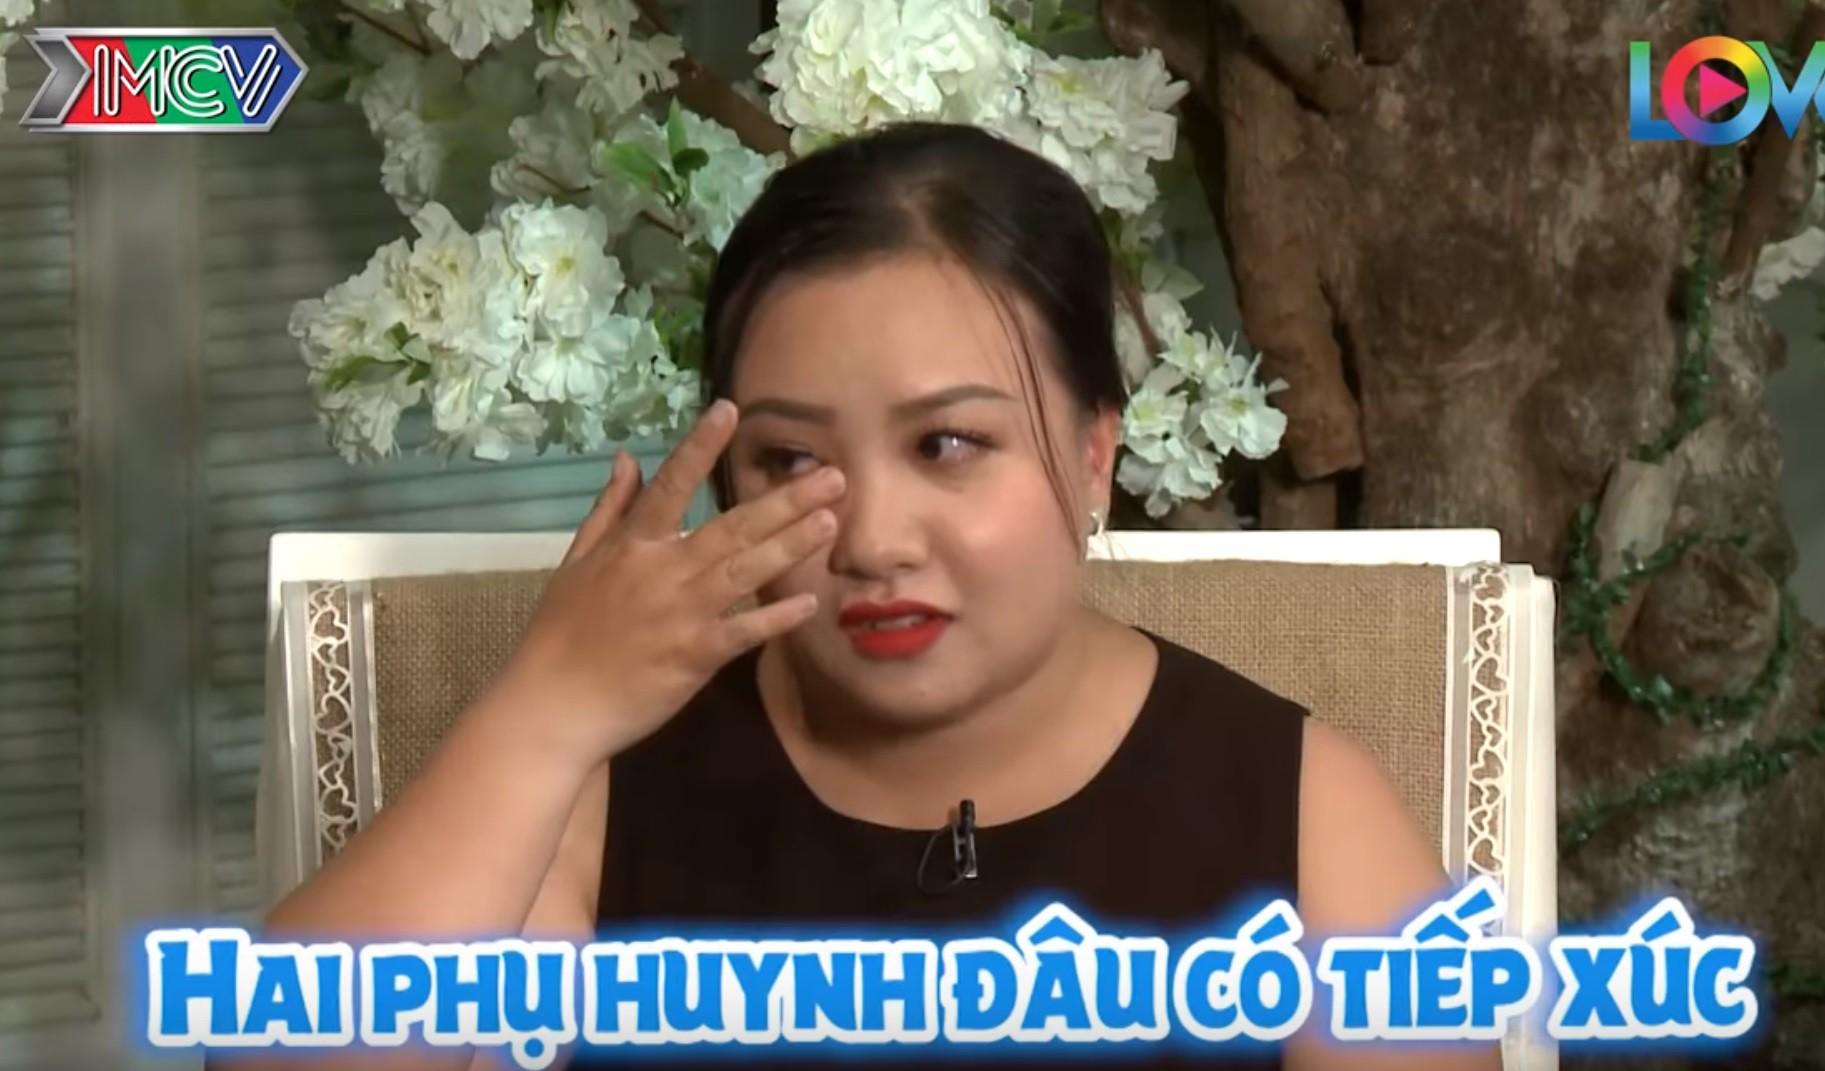 Cãi lời mẹ bấm nút trong Bạn muốn hẹn hò, cô gái rơi nước mắt trên truyền hình sau 1 năm yêu đương bí mật - Ảnh 4.